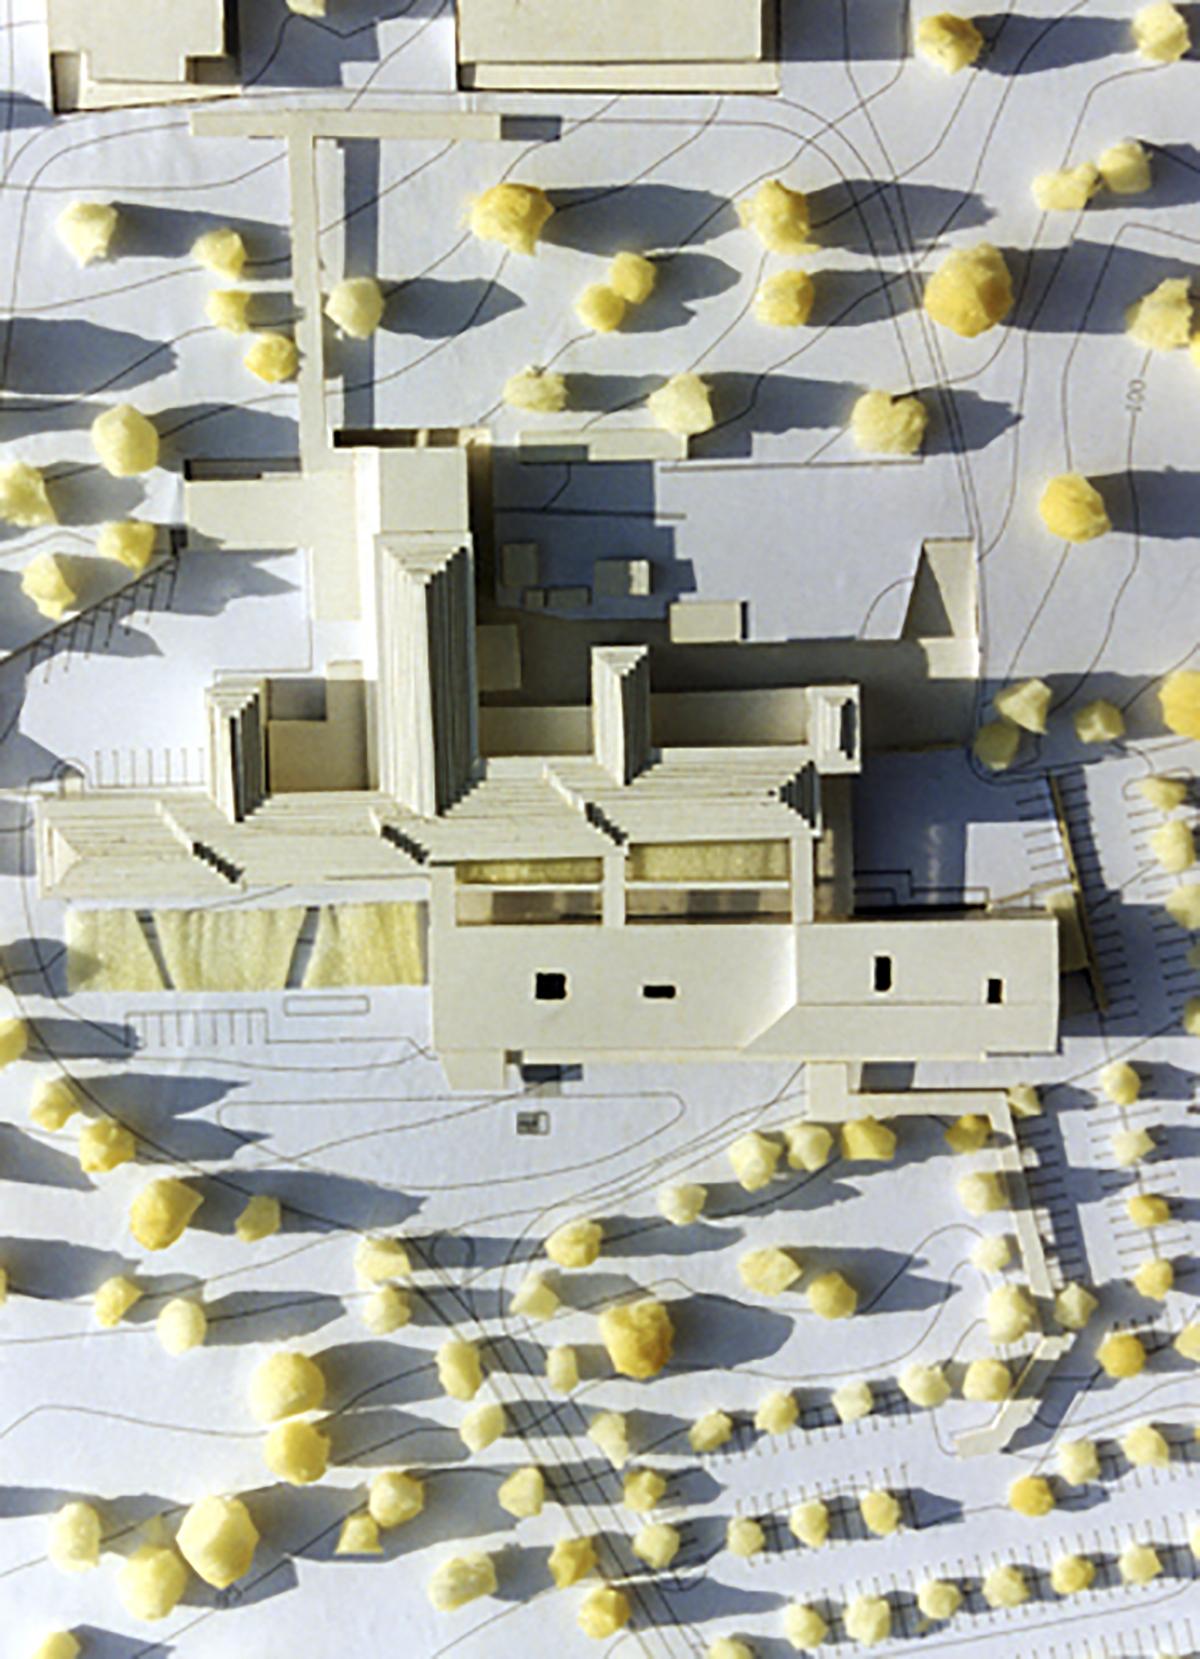 Proyecto de ampliación de un hospital   Imagen de proyecto1